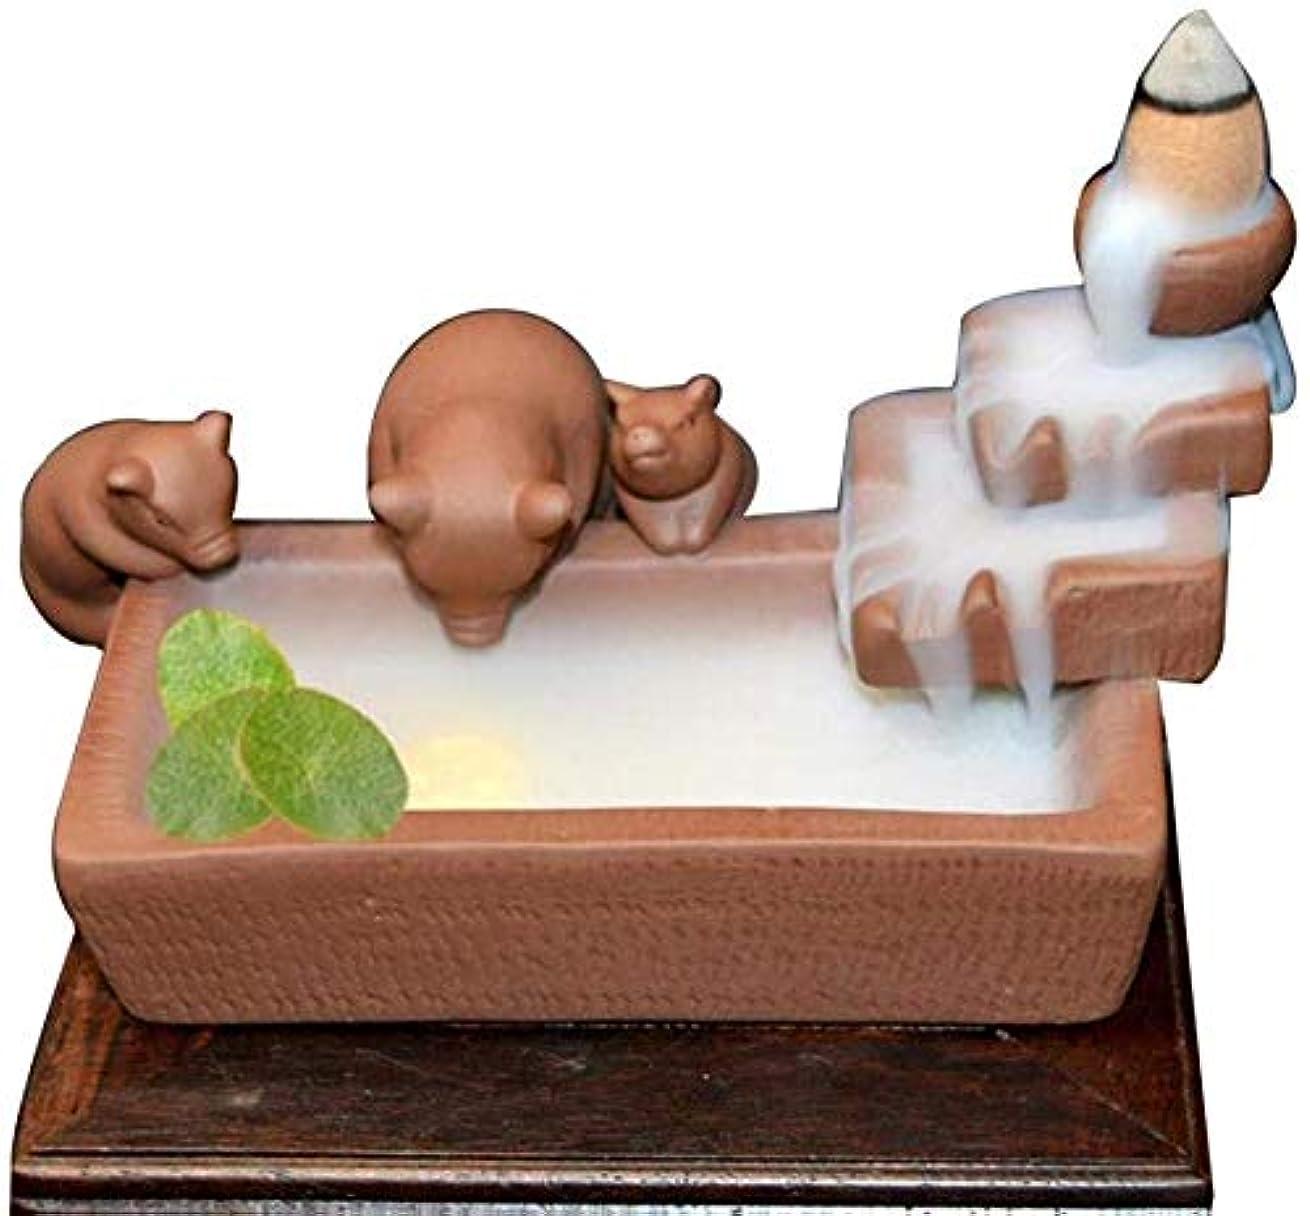 フレームワーク愛情深い解説逆流香ホルダーセラミック香コーンバーナー香スティックホルダー-3かわいい豚